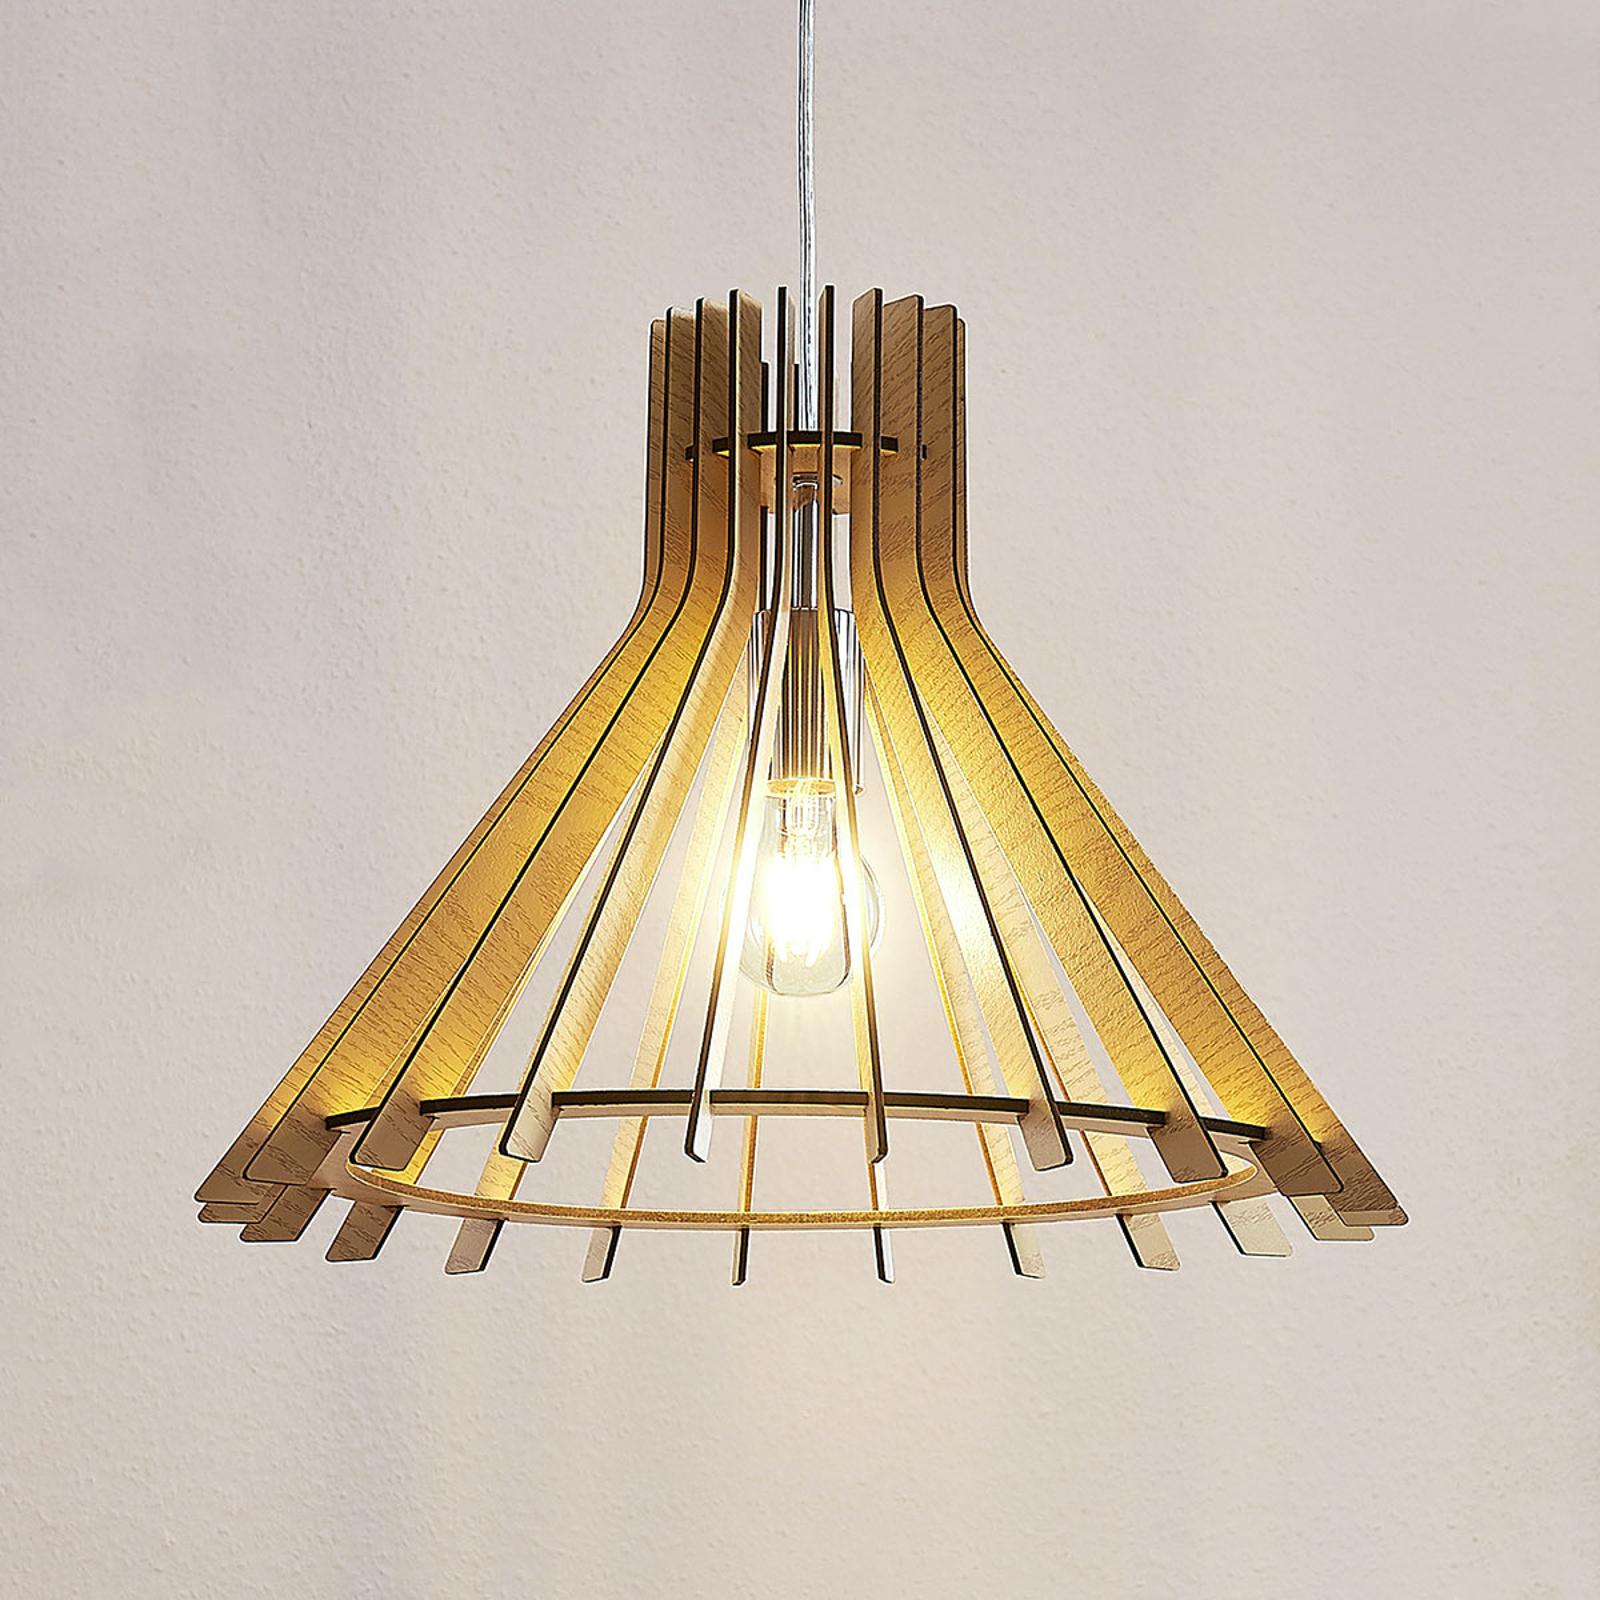 Lampa wisząca Diara z drewna MDF